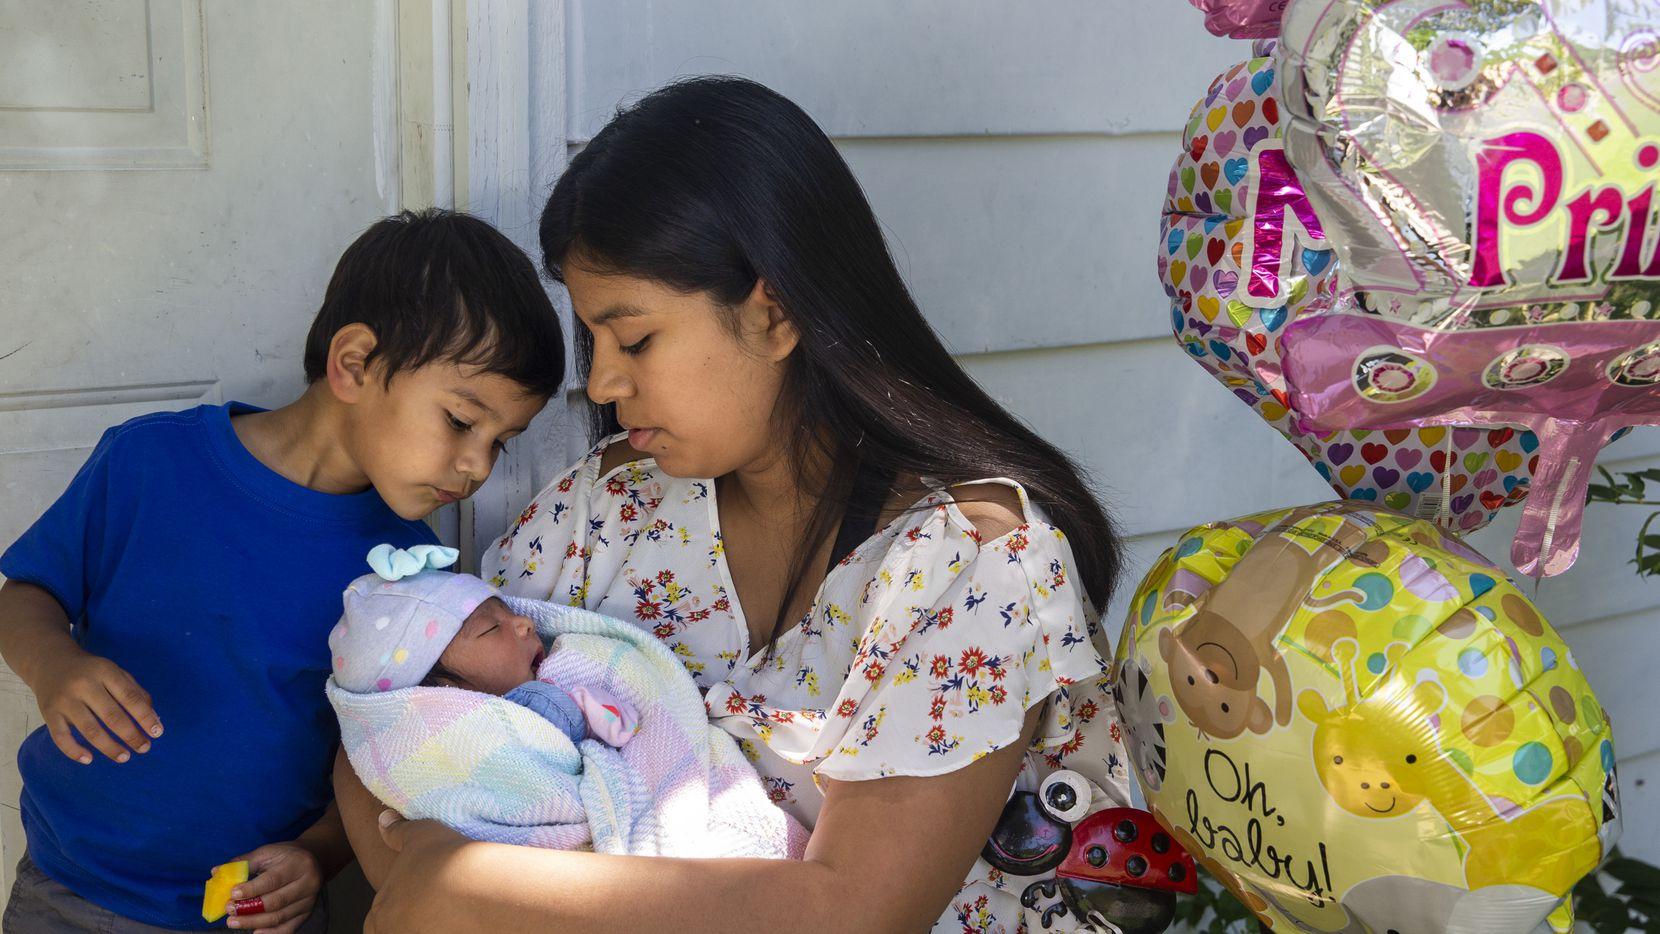 Jocelyne Tapia, junto a su recién nacido Jalees. Tapia dio a luz hace pocos días en medio de la pandemia en el hospital Parkland.